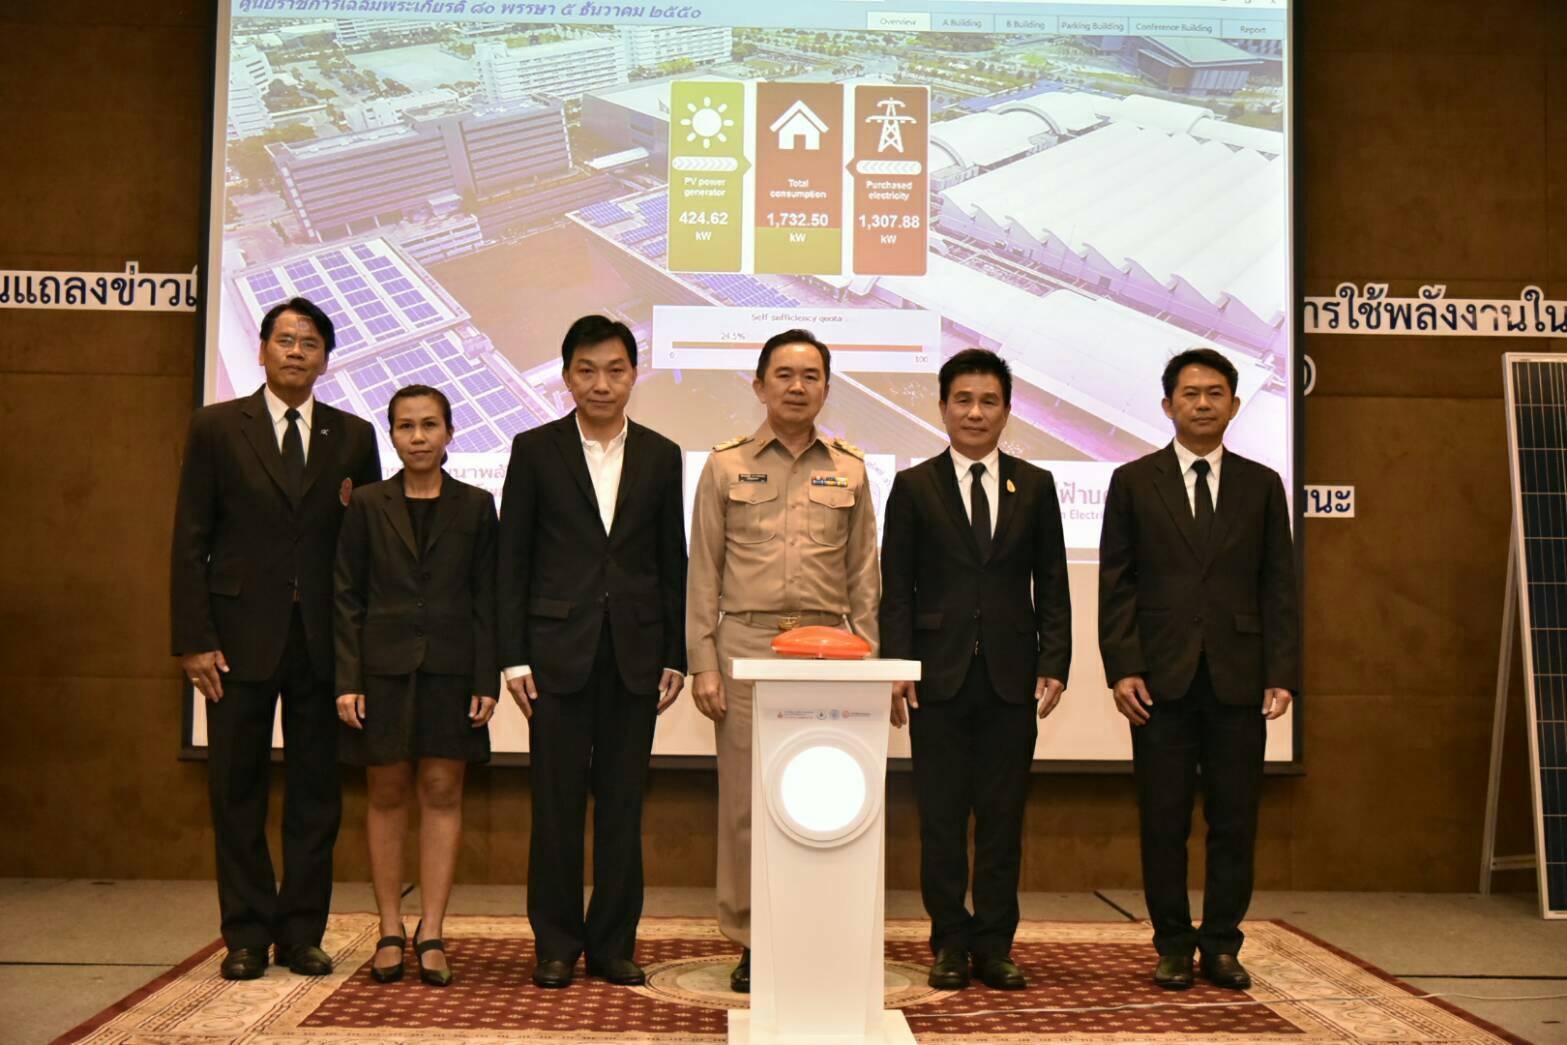 ธพส. จับมือ กฟน. เปิดตัวโซลาร์เซลล์กว่า 7 พันแผง ขนาดใหญ่ที่สุดในประเทศไทย พร้อมเปลี่ยนหลอดแอลอีดีศูนย์ราชการฯ รวมช่วยชาติประหยัดไฟกว่าปีละ 4 ล้านหน่วย